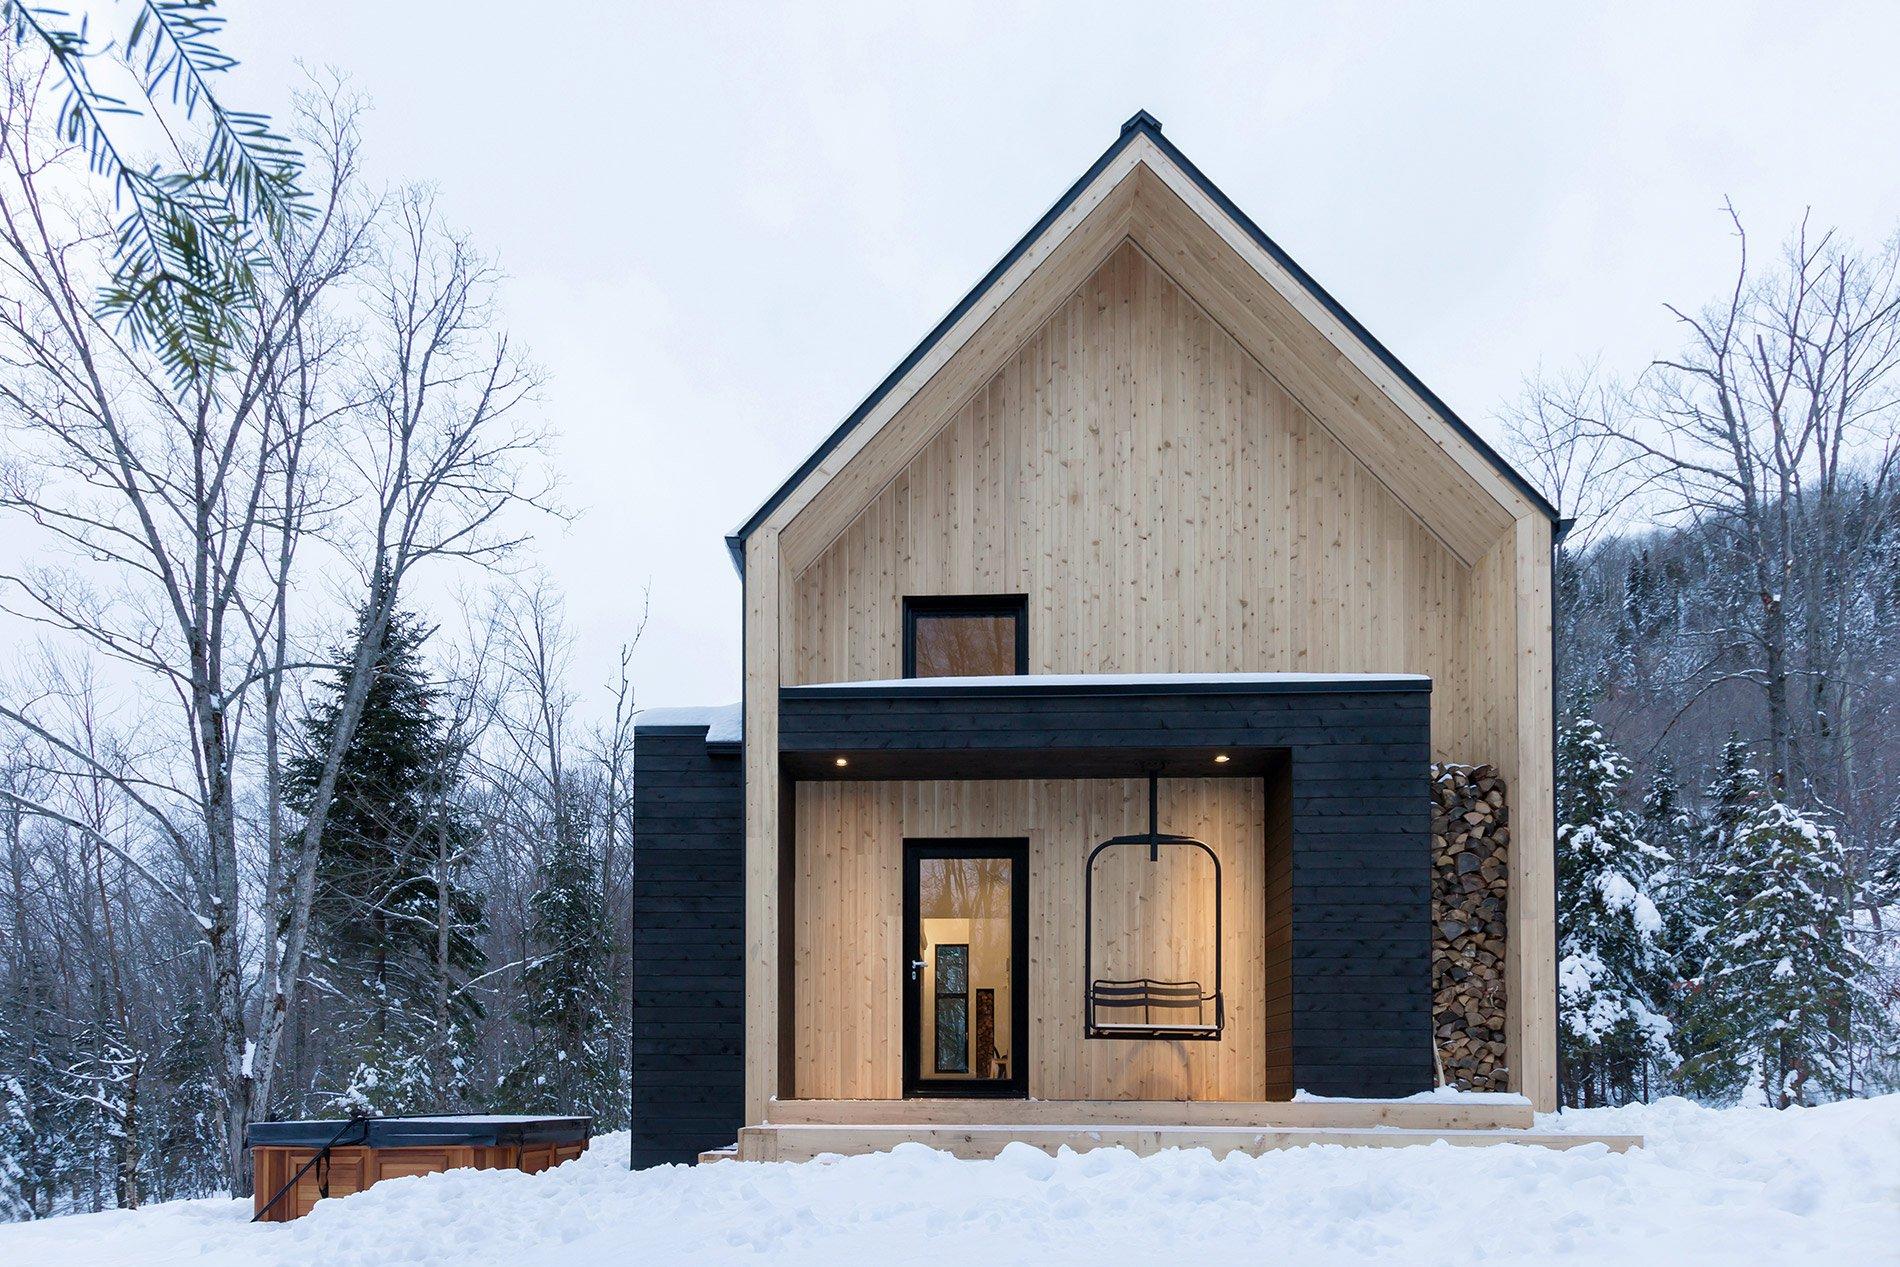 villa-boreale-cargo-architecture-awx2blog-8